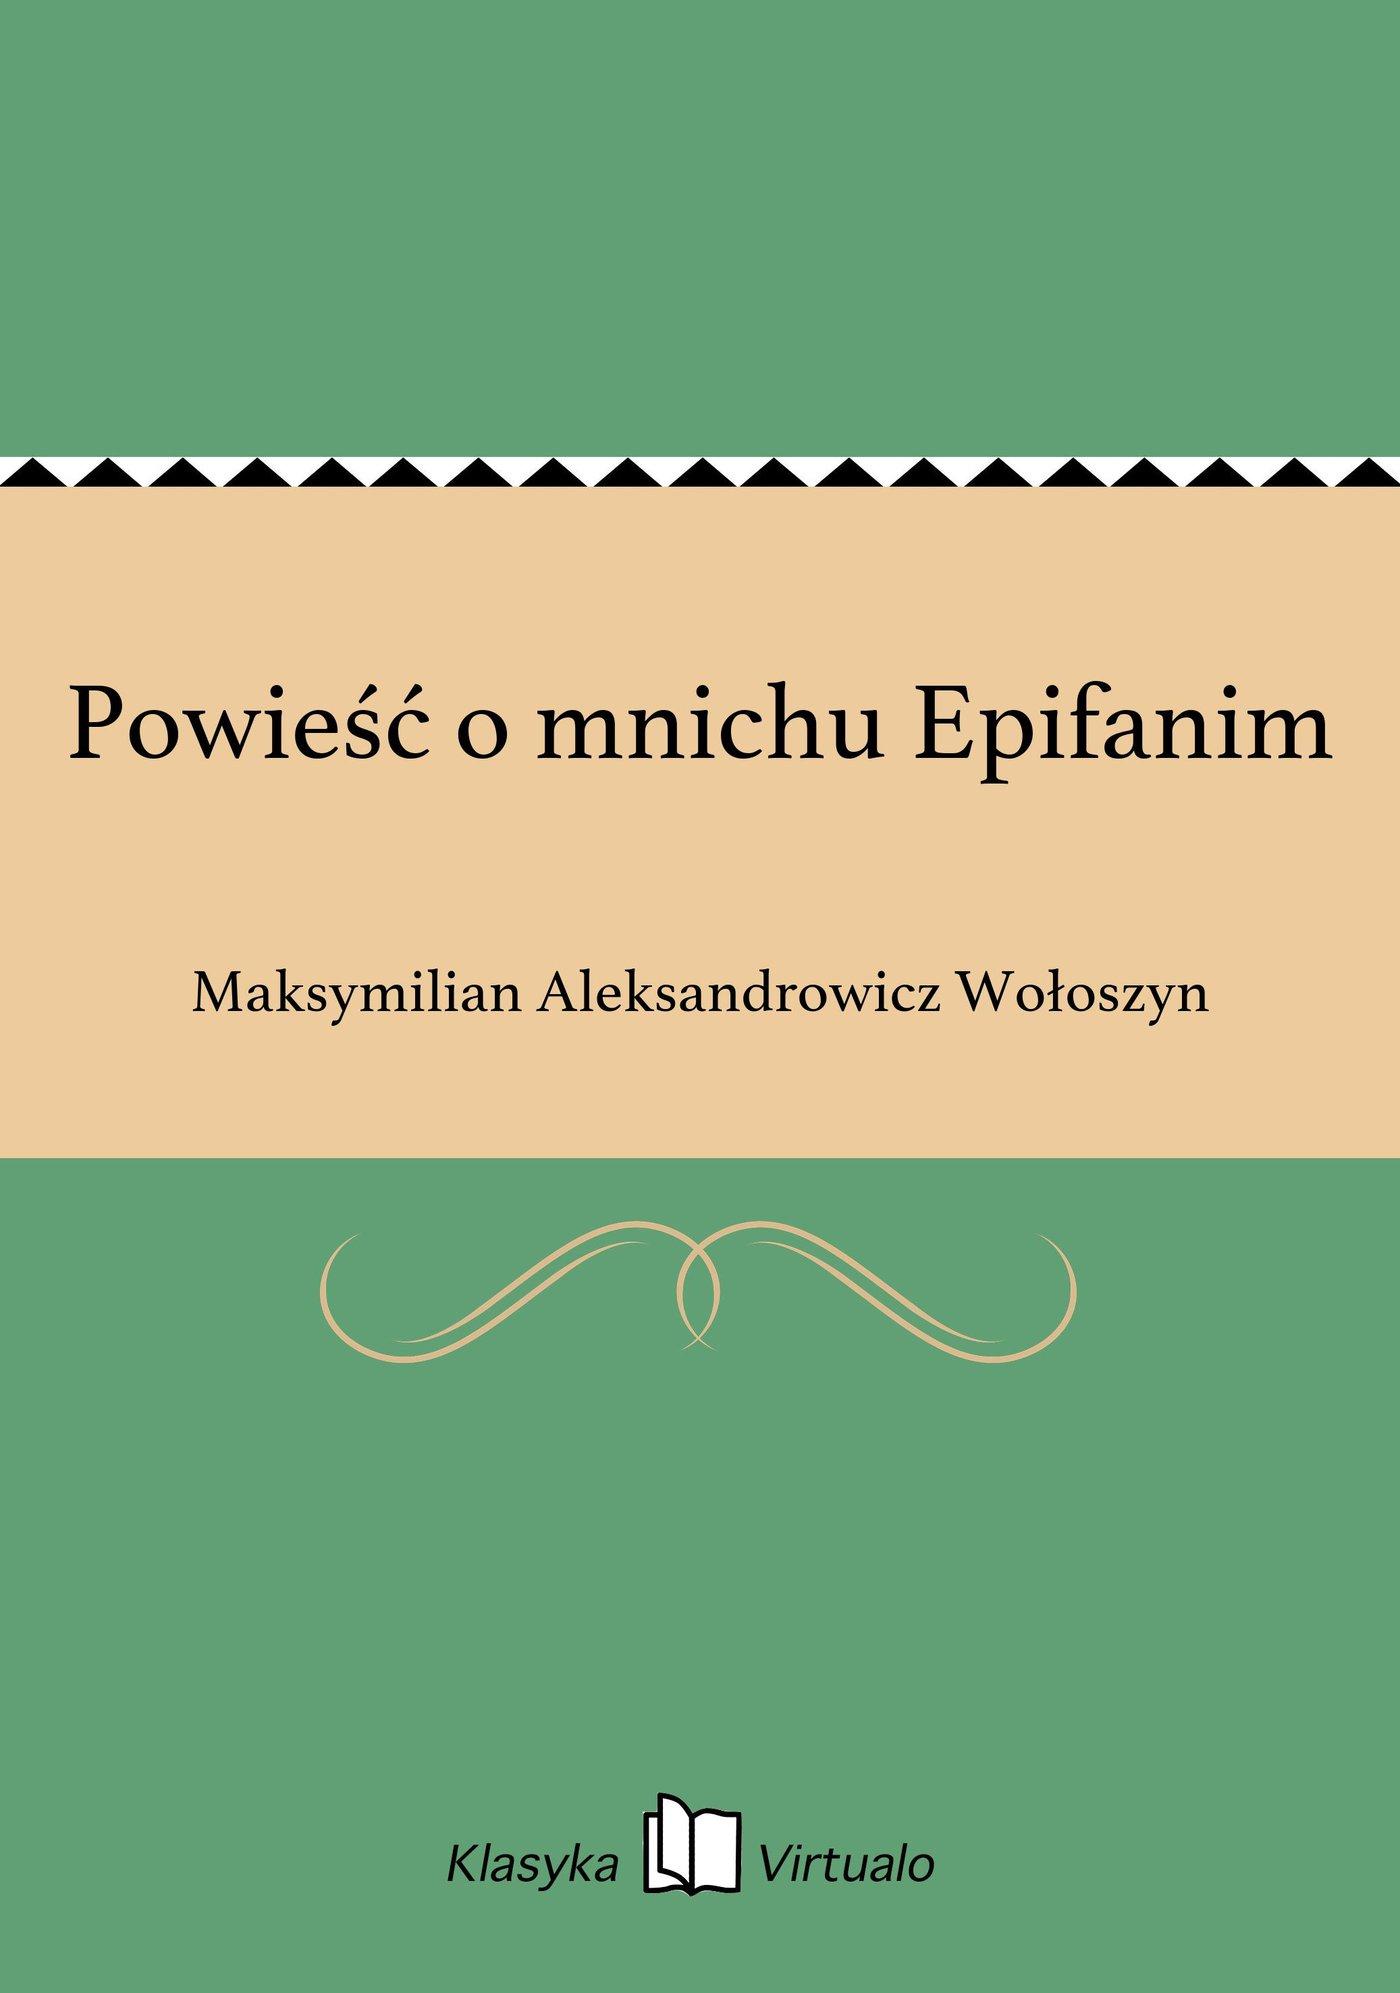 Powieść o mnichu Epifanim - Ebook (Książka EPUB) do pobrania w formacie EPUB